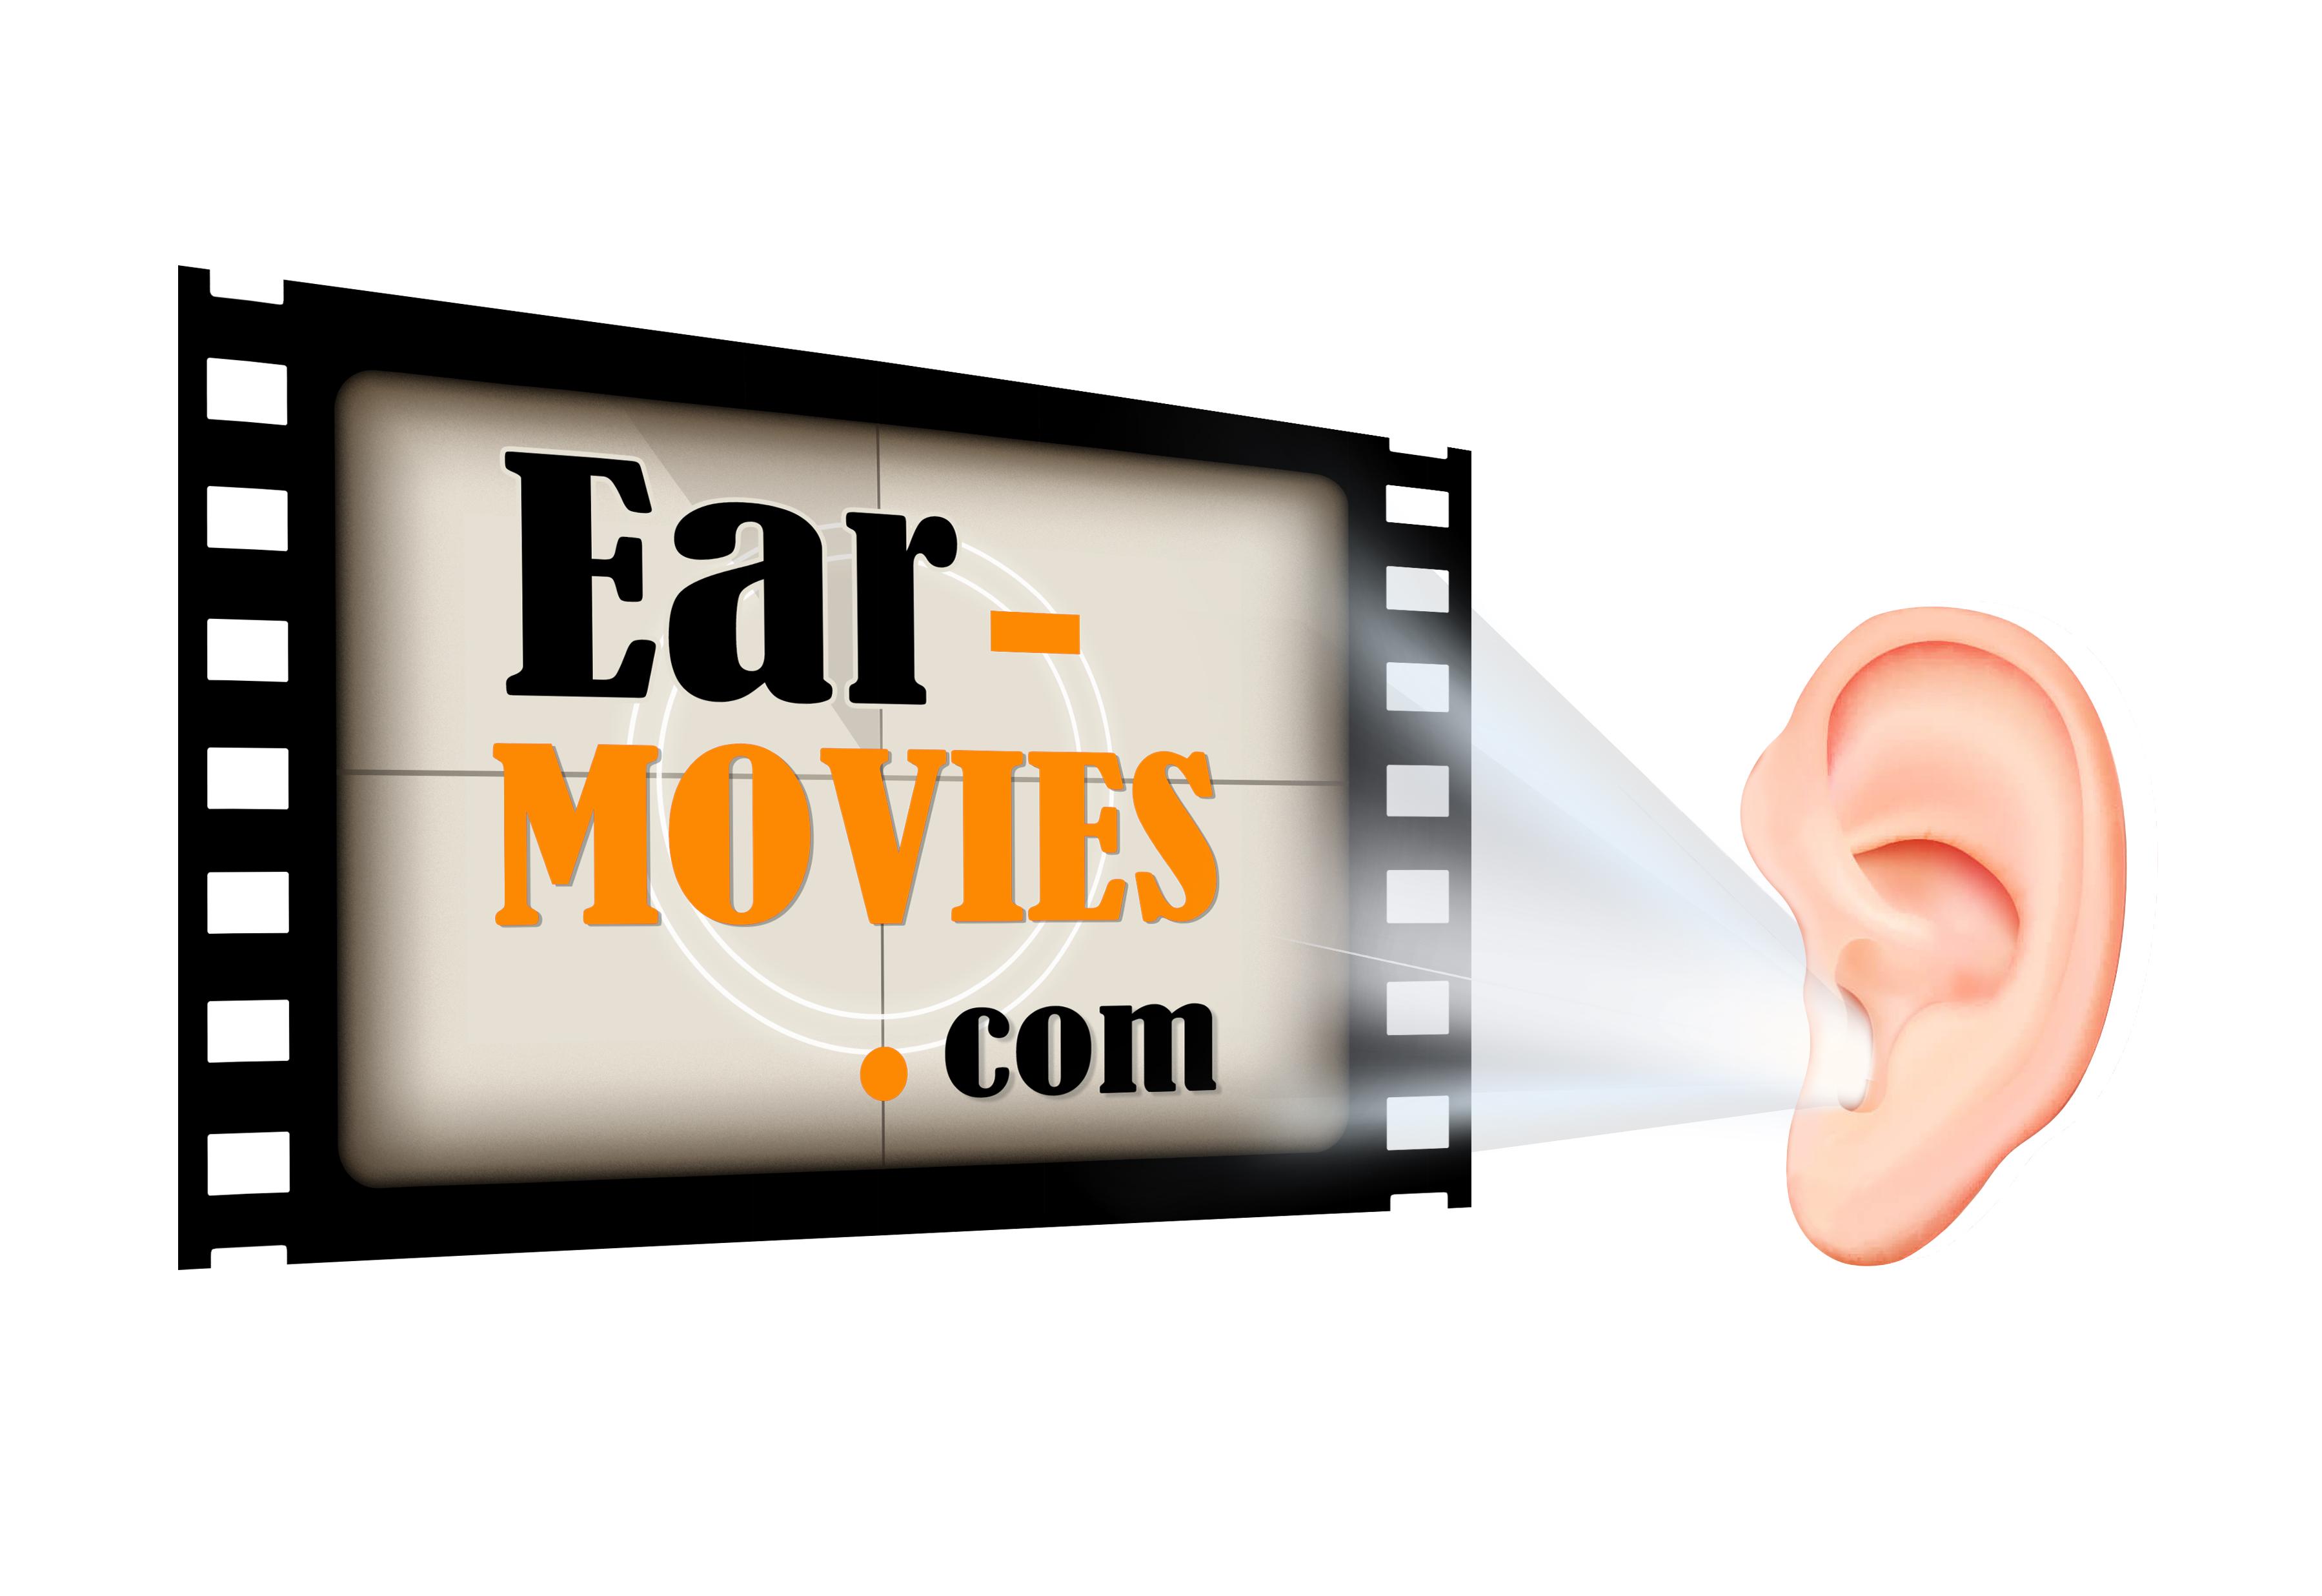 Ear-Movies.com | Vega Website Awards